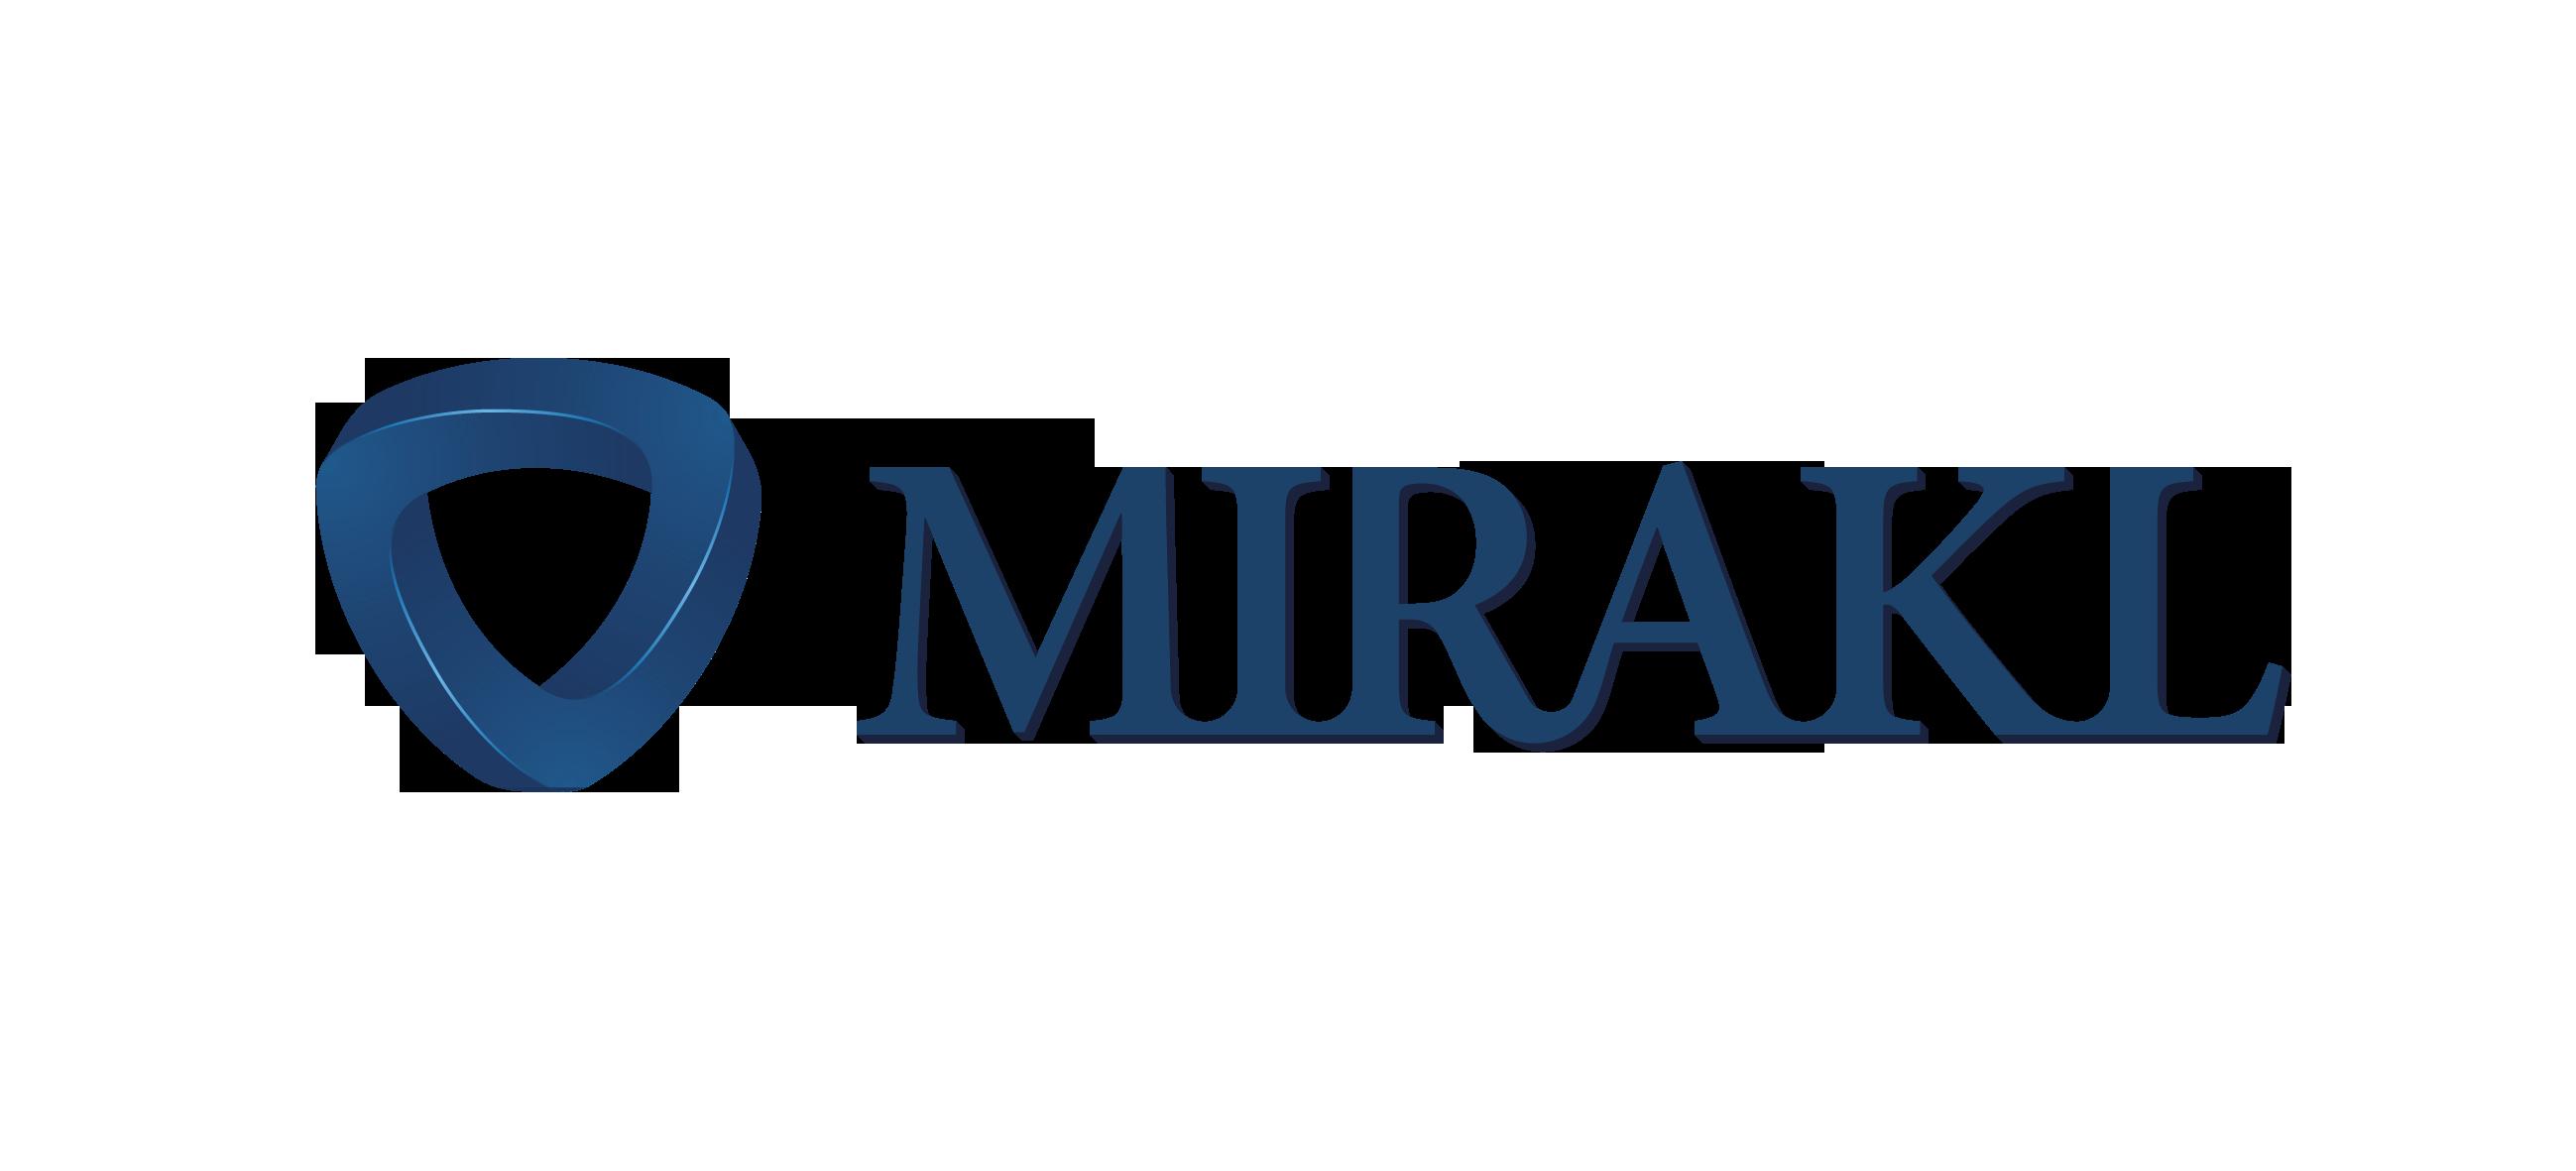 Mirakl - French Tech Bordeaux